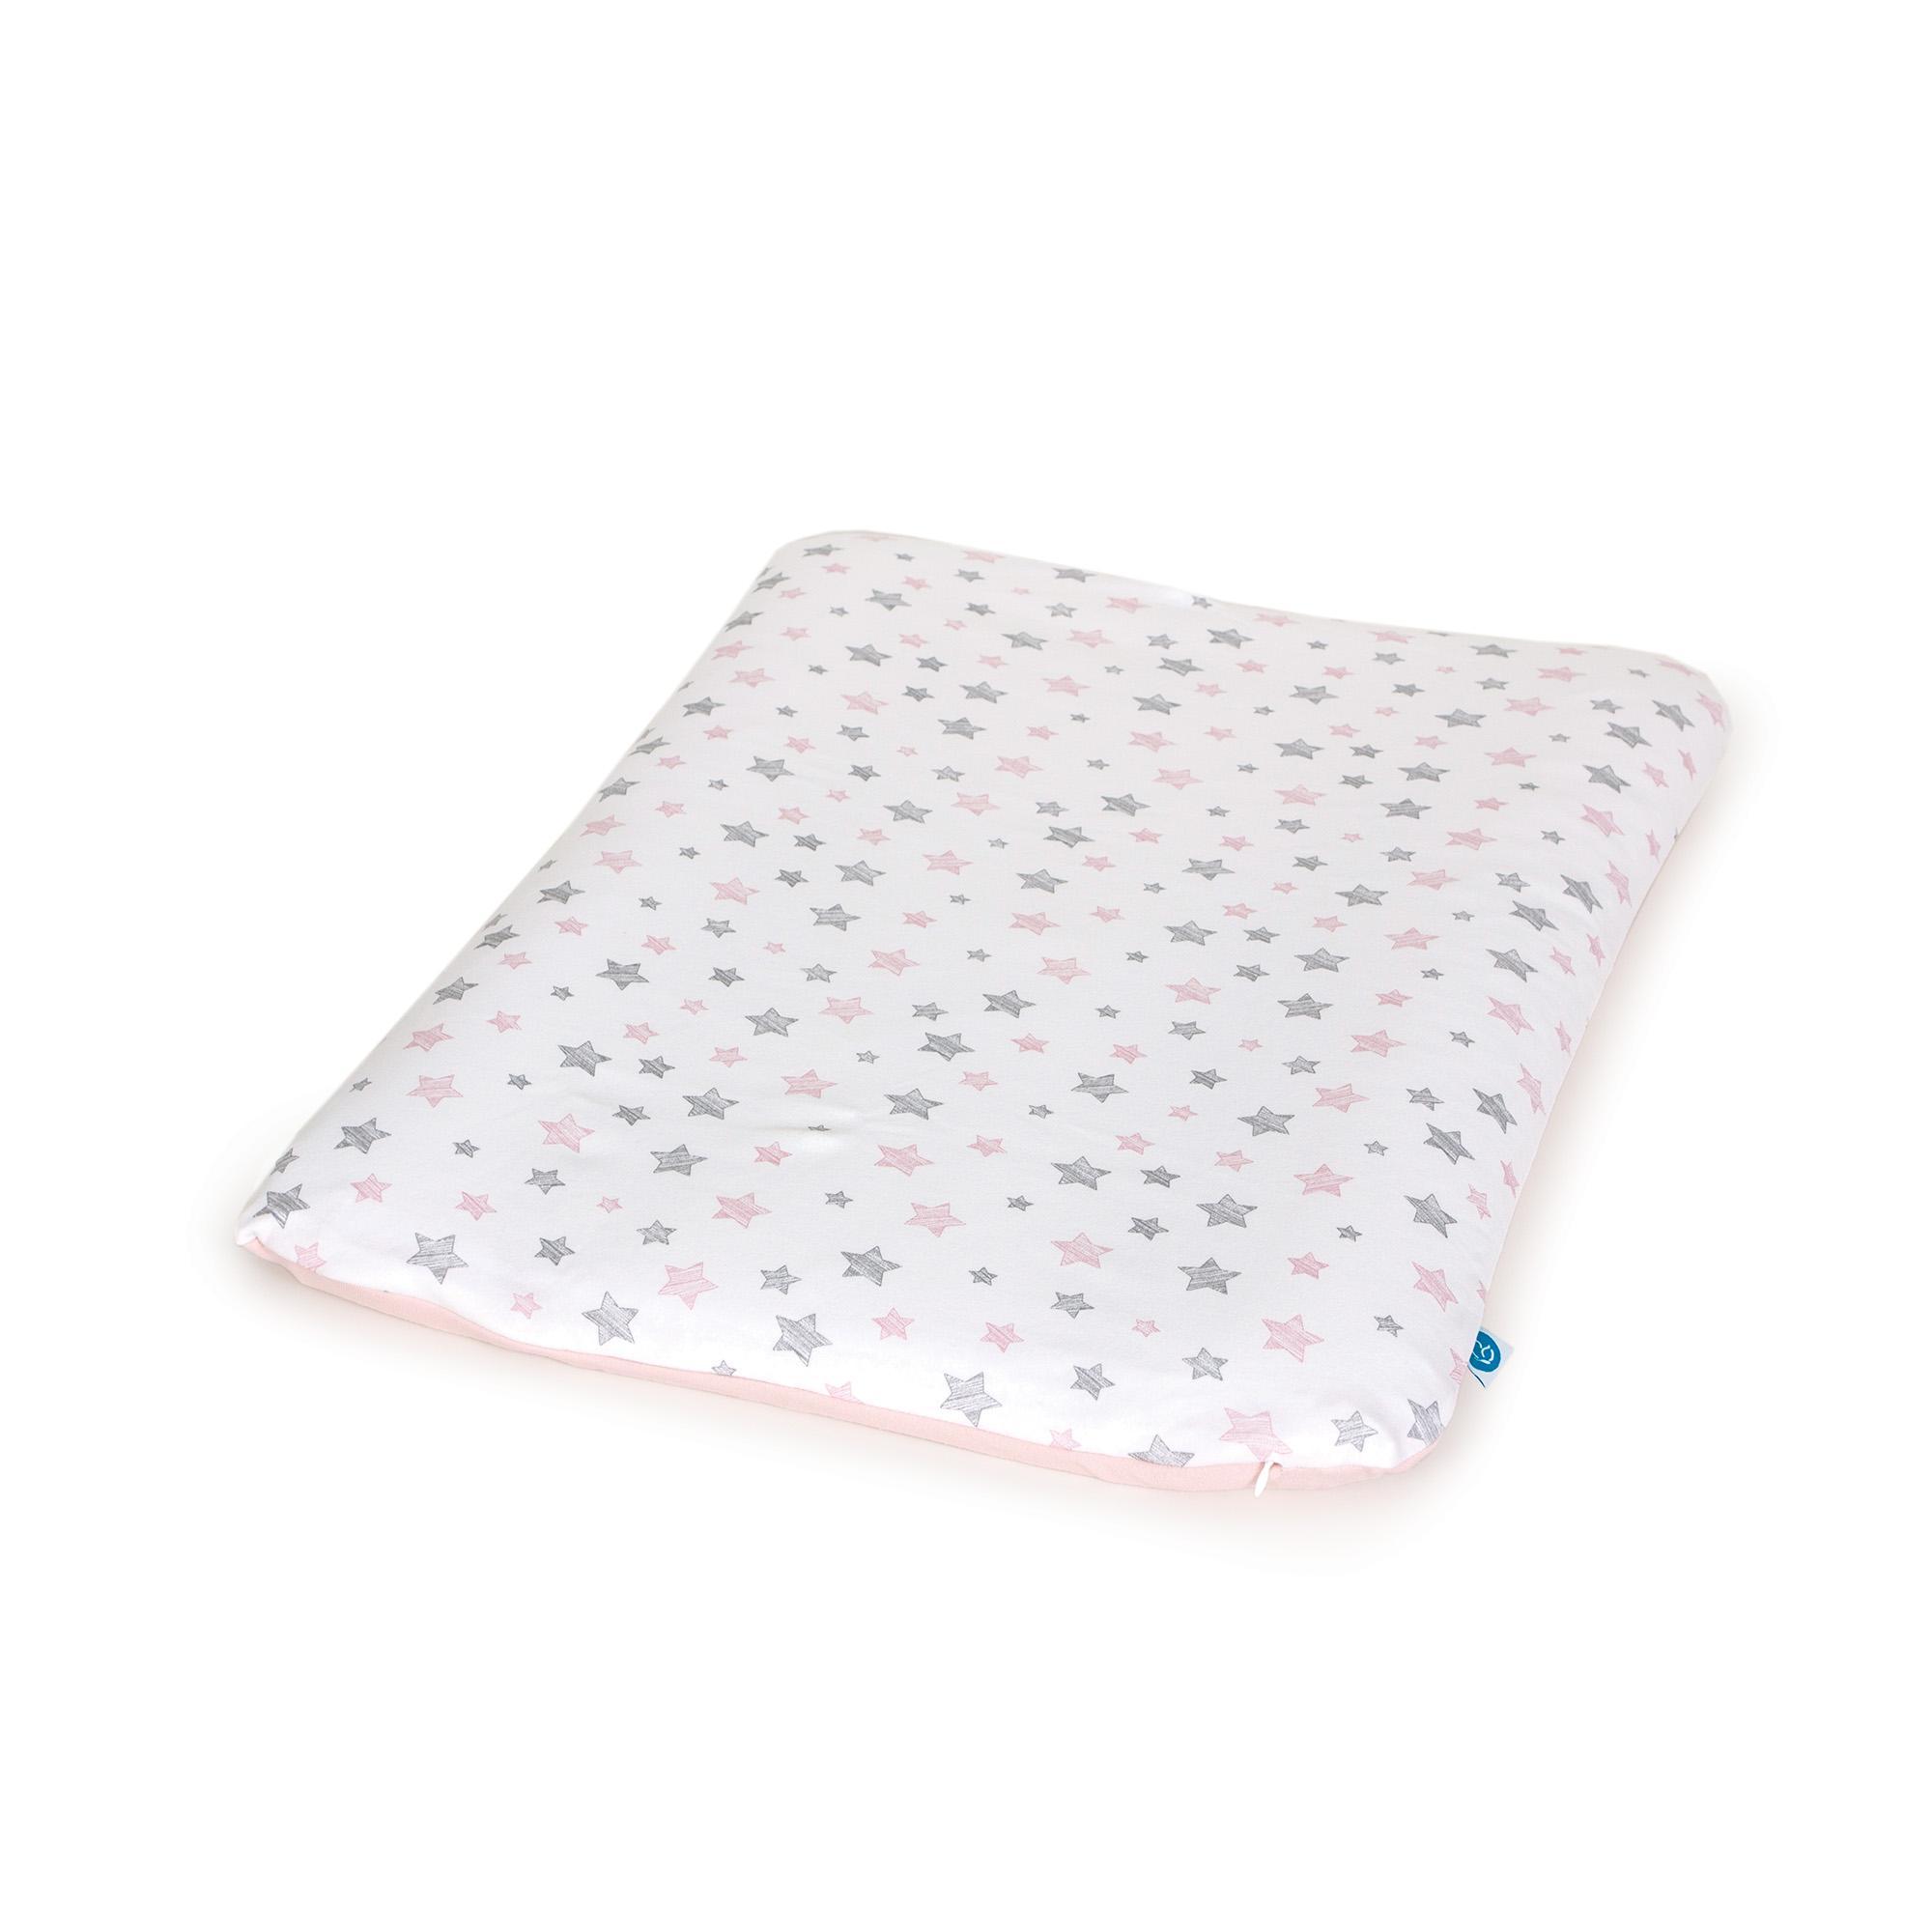 CEBA Potah na měkkou přebalovací podložku 50 x 70 Grey Stars + Pink Stars 2ks